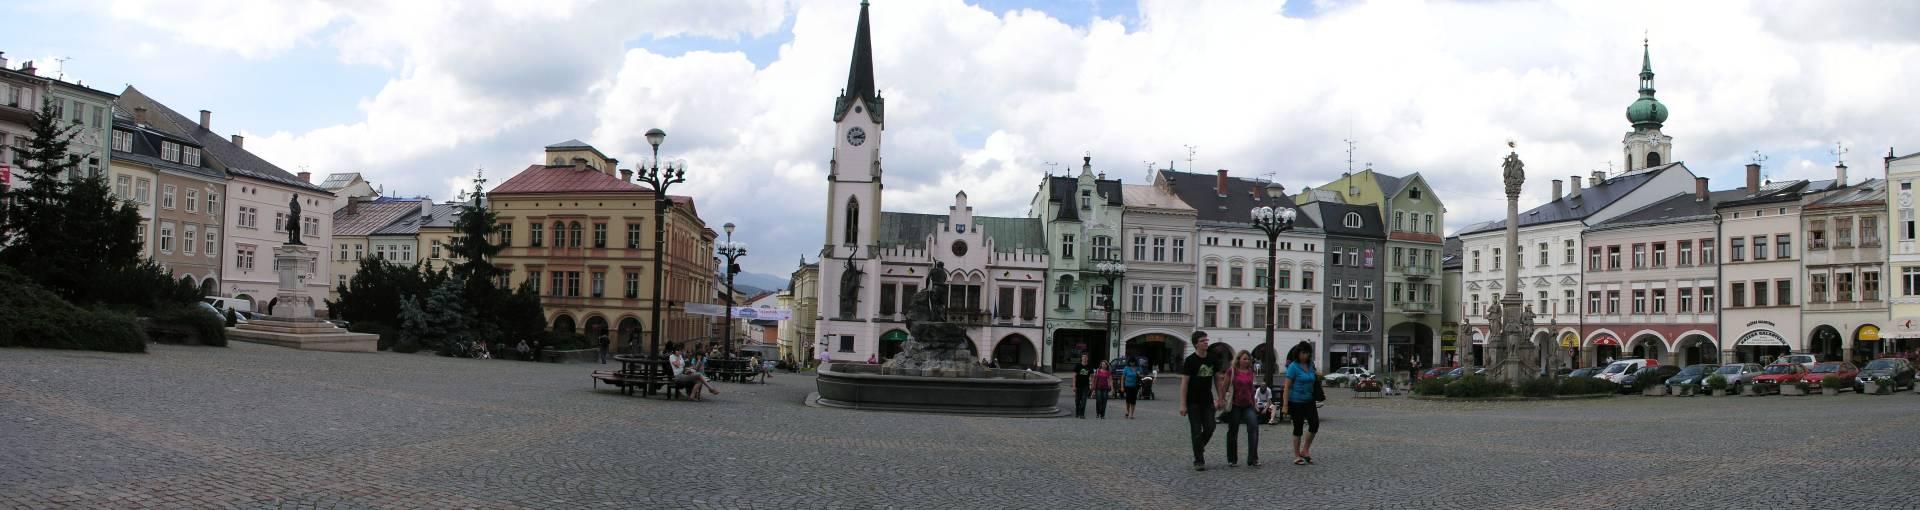 Trautenau, Panorama am Marktplatz